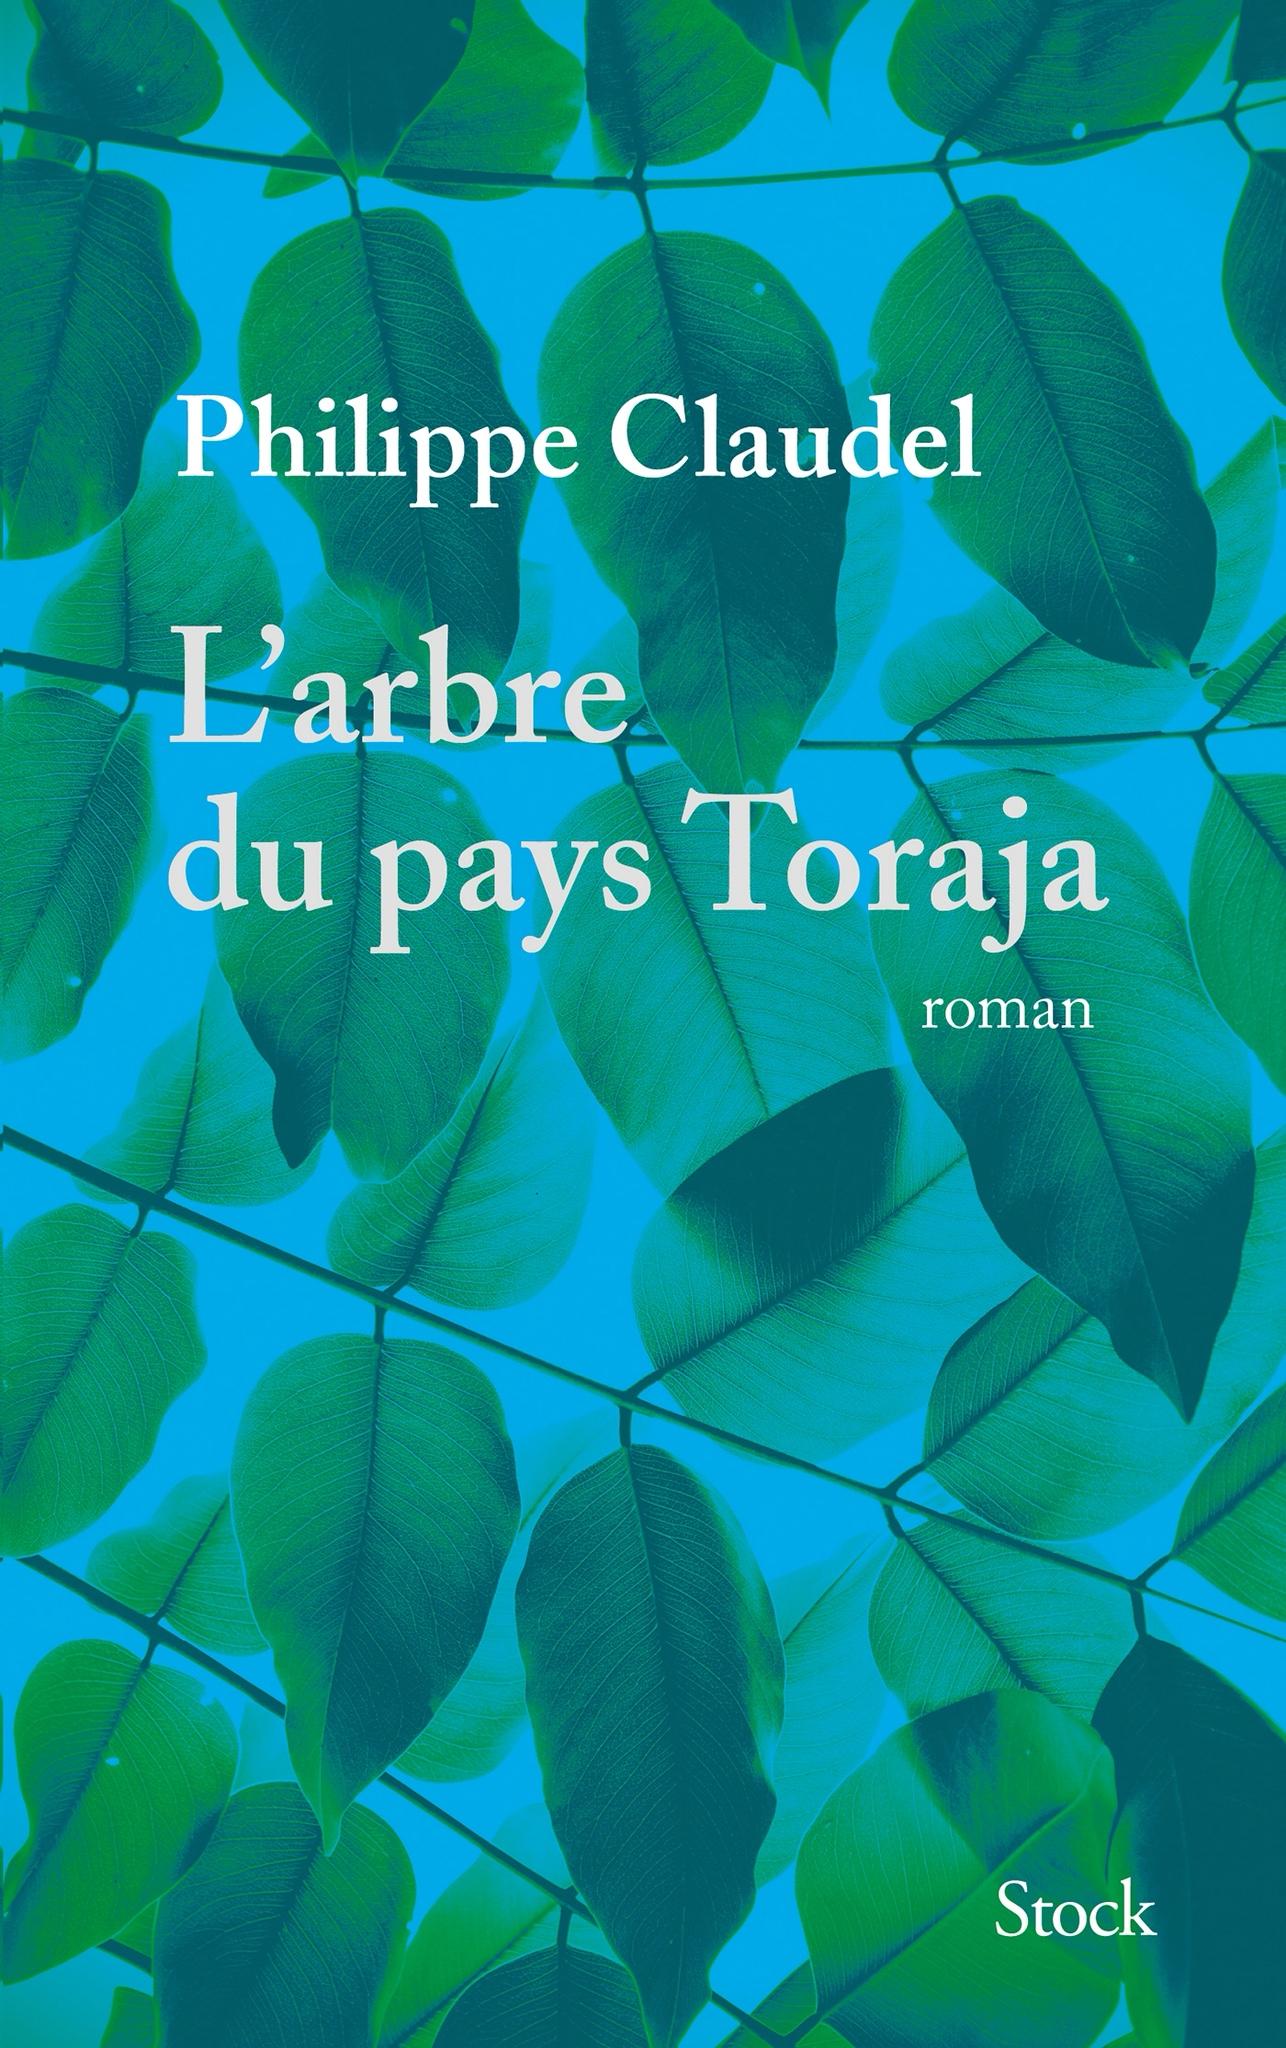 Philippe Claudel : L'arbre du pays Toraja